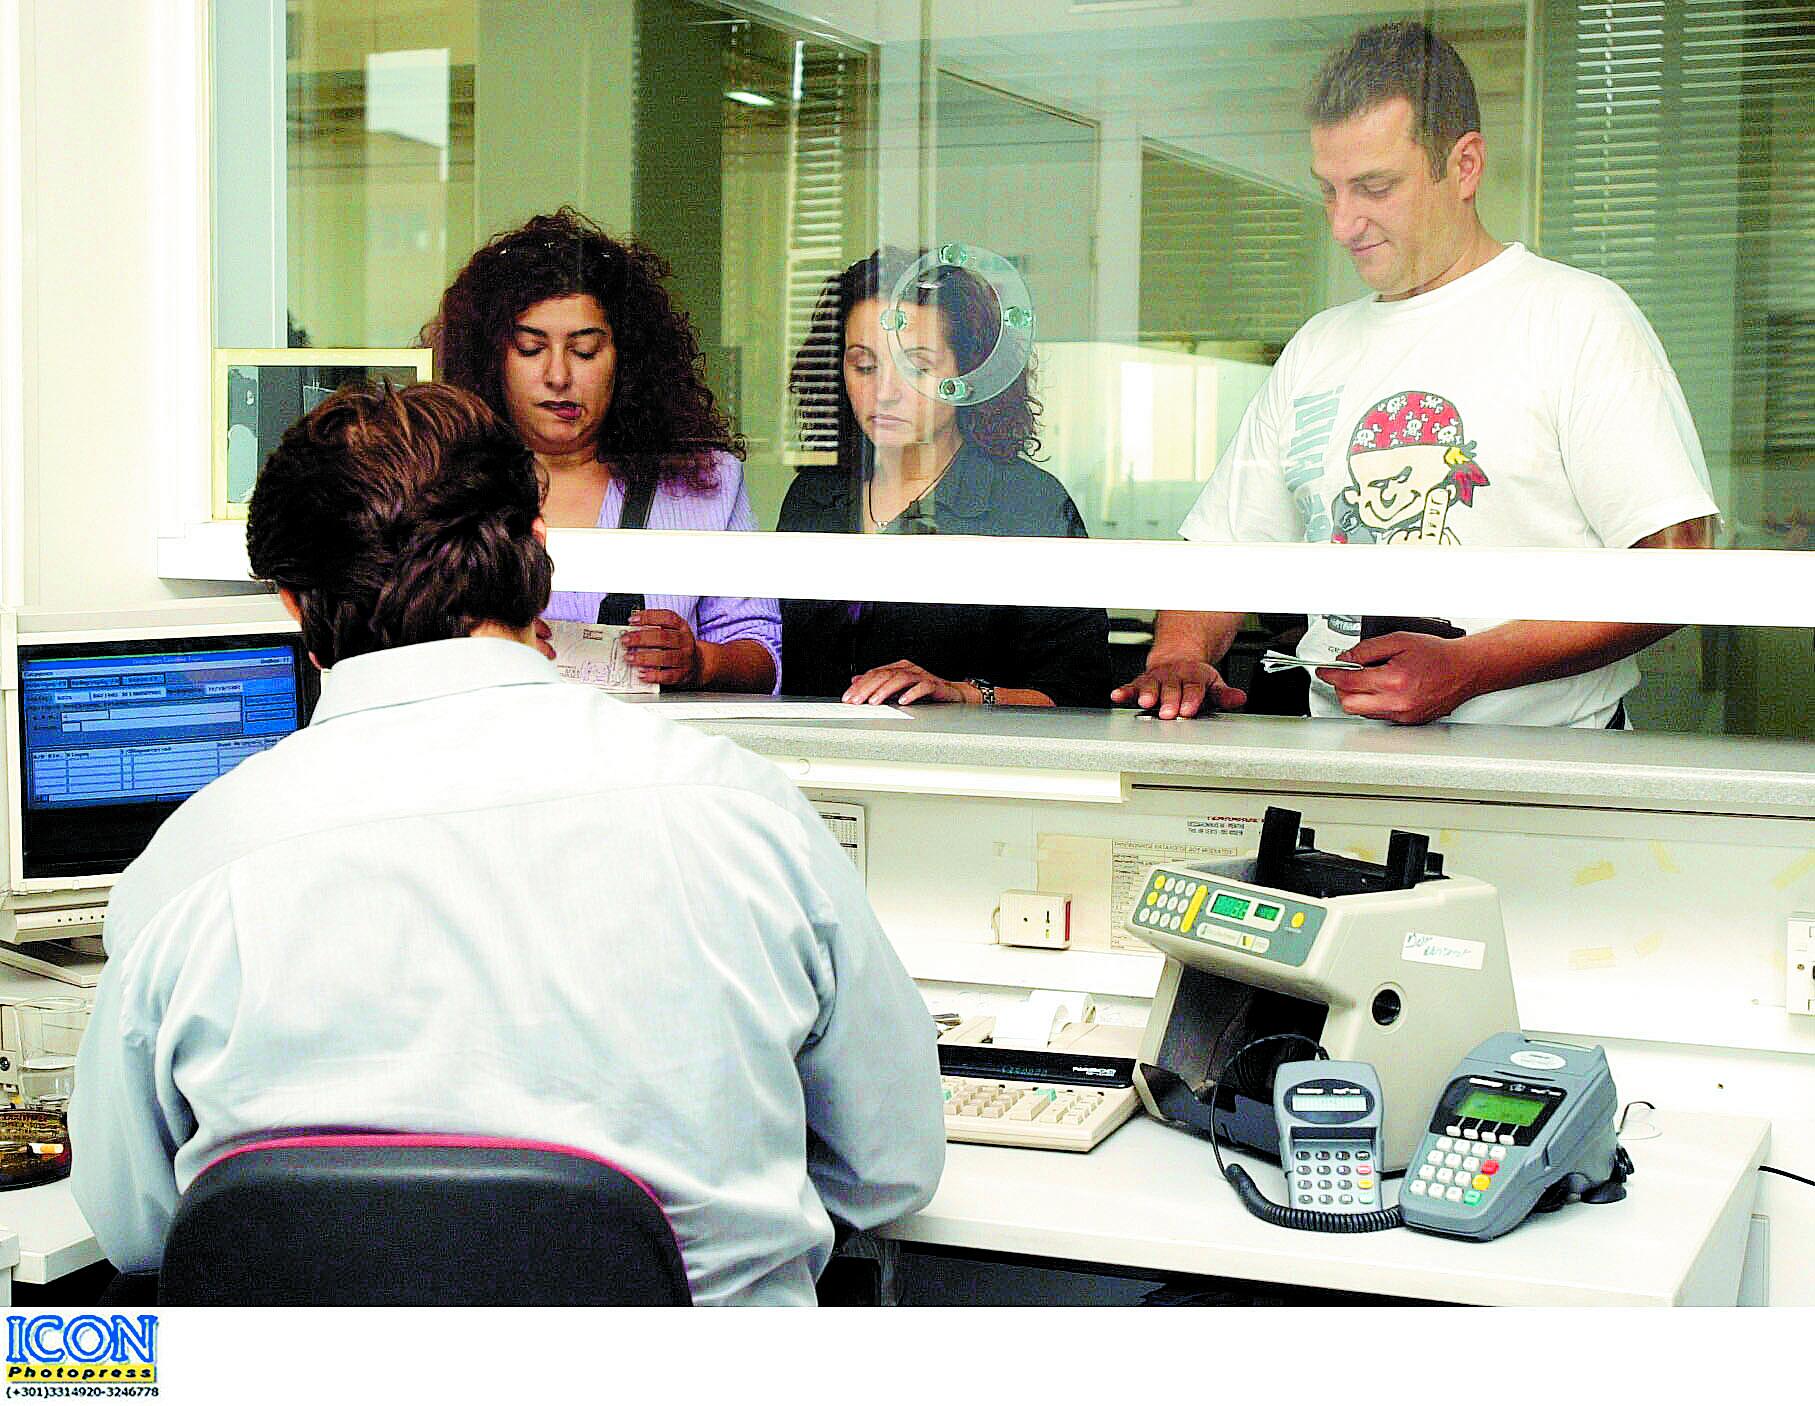 Οι τράπεζες επιμένουν με όρους καταχρηστικούς για τους καταναλωτές | tovima.gr